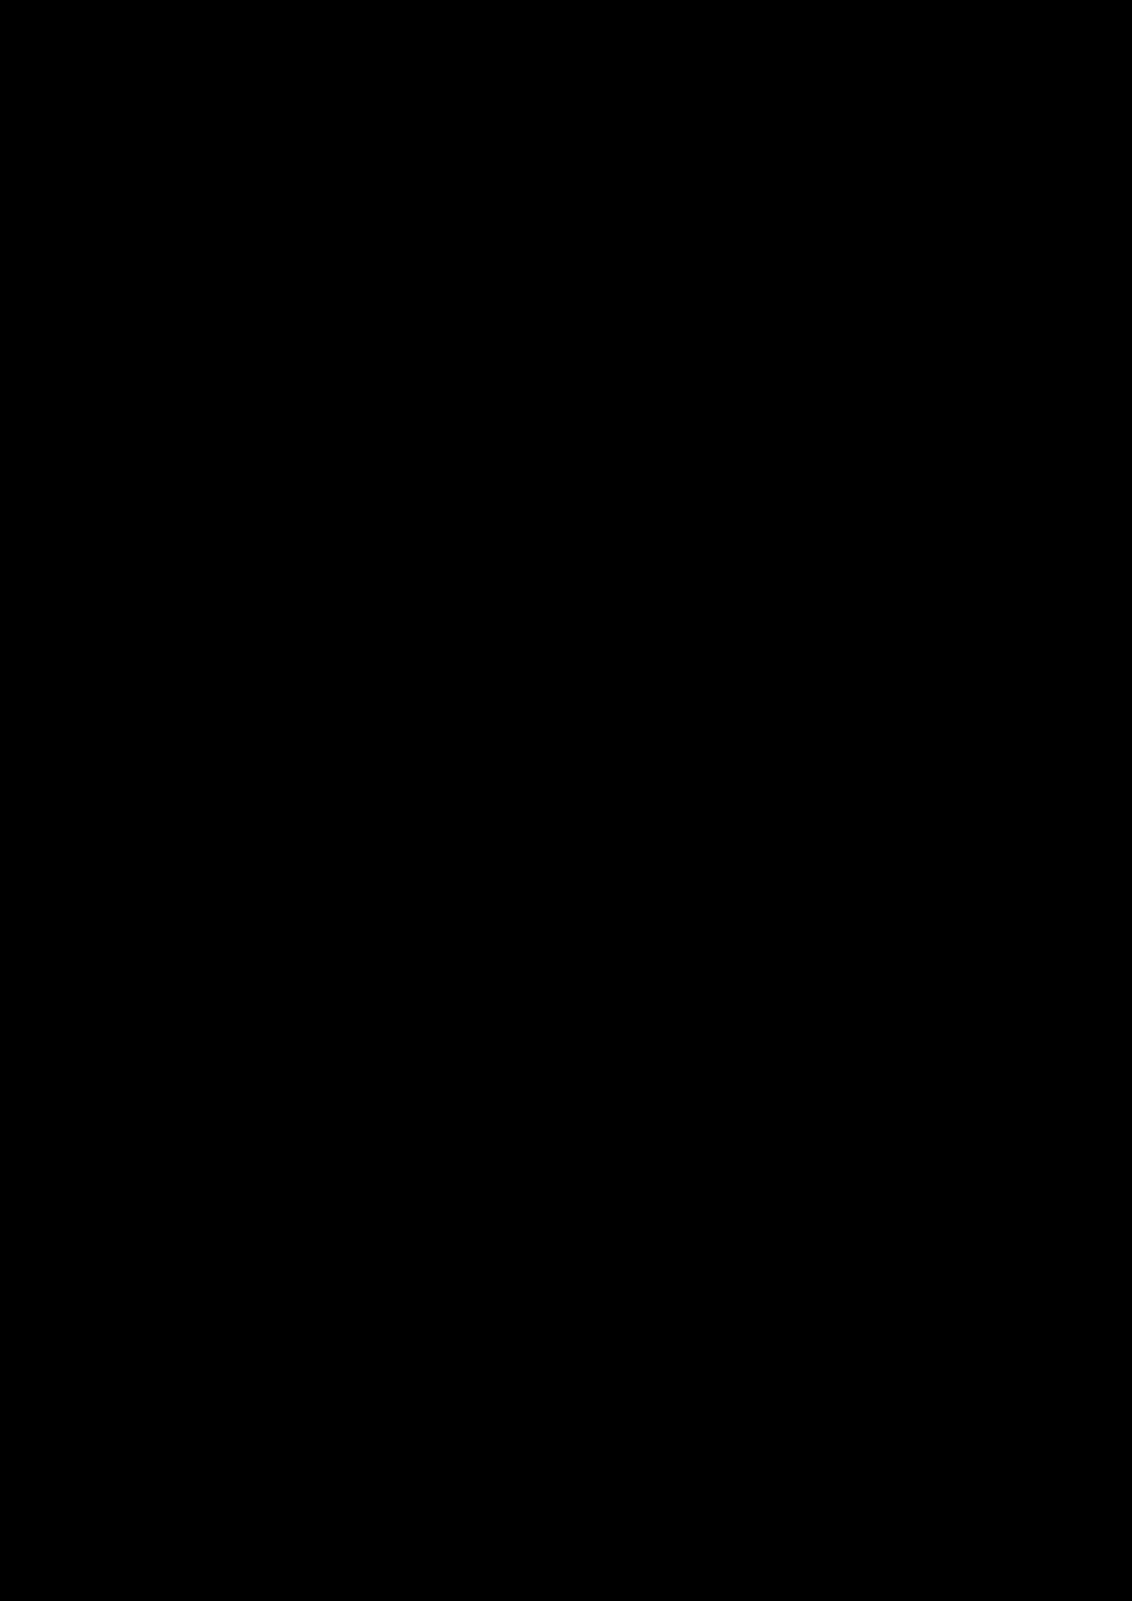 Zagadka volshebnoy stranyi slide, Image 140